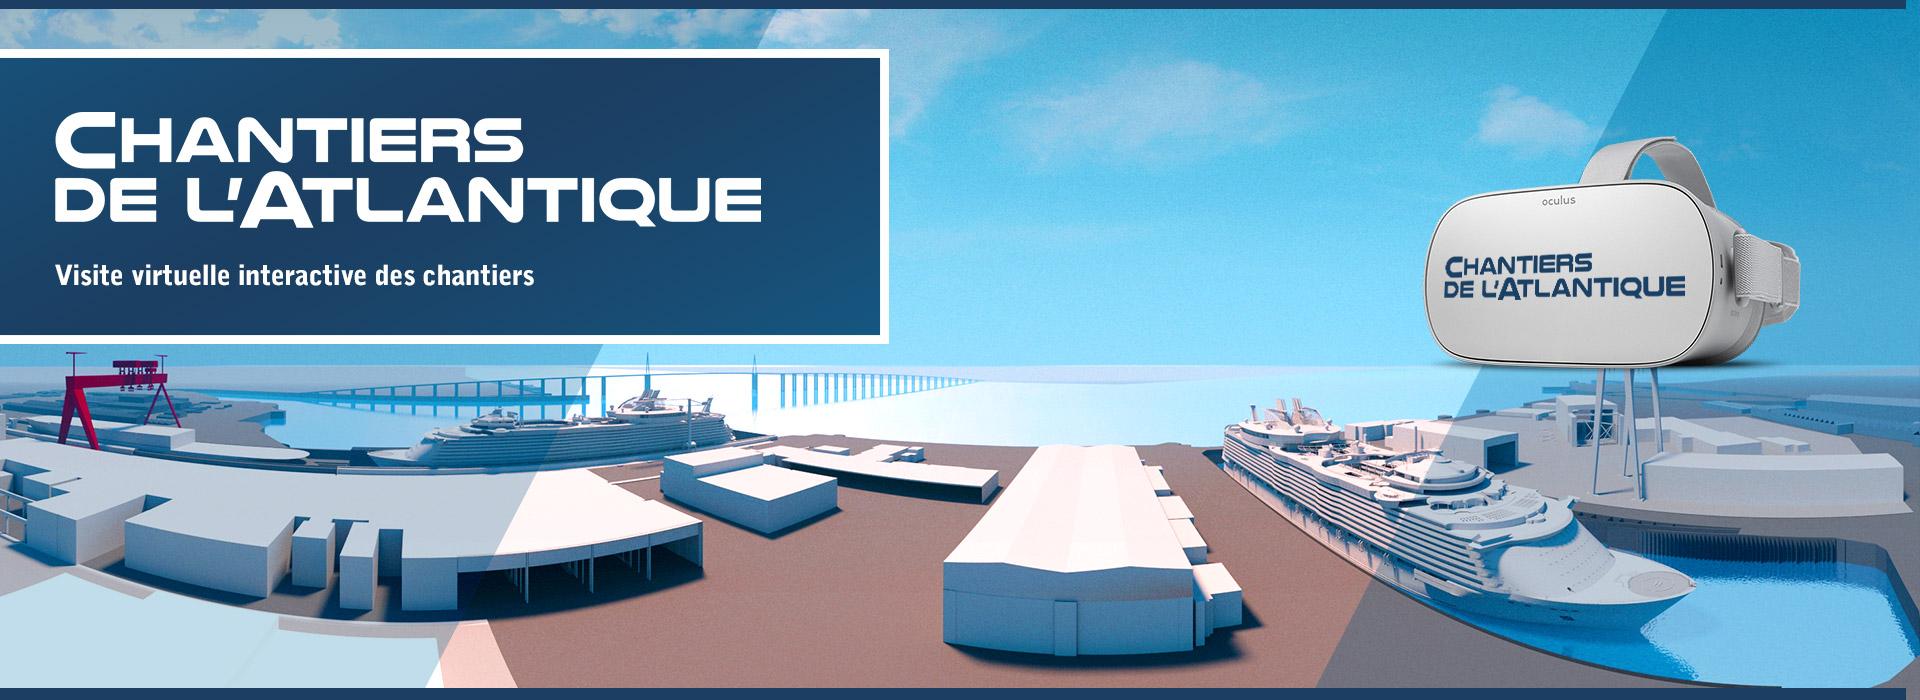 visite virtuelle vidéo 360 chantiers atlantique agence vr paris